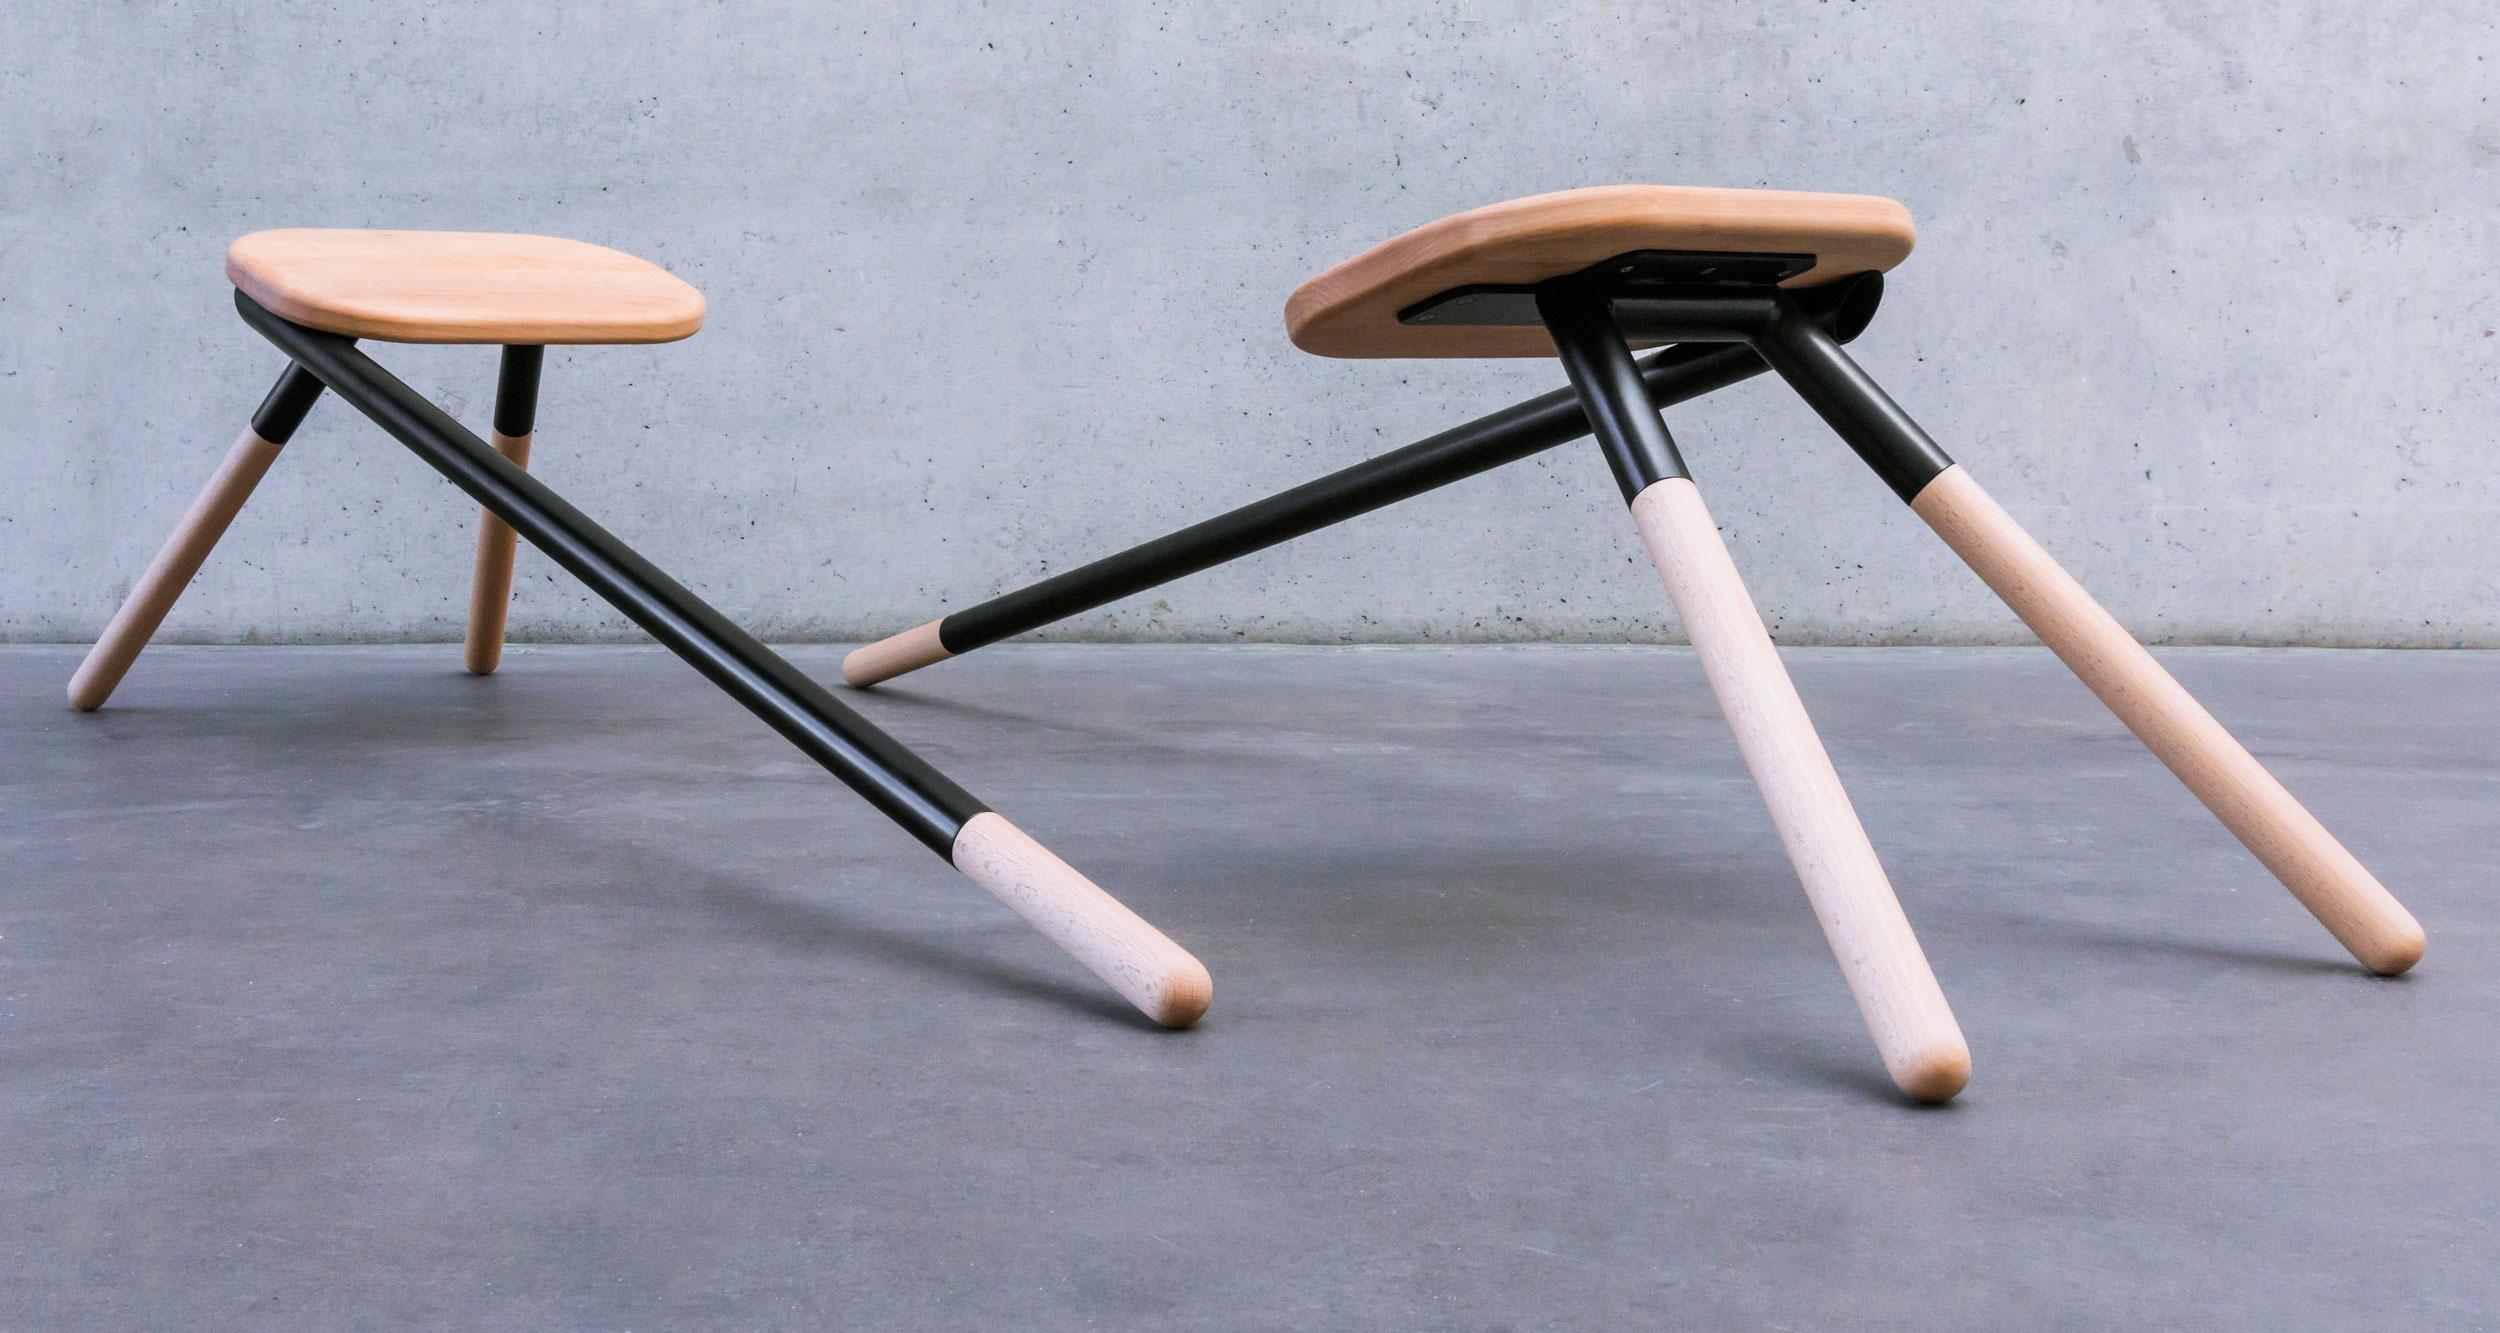 You-Me-&-Modularity-3-Michael-Peel-Design.jpg